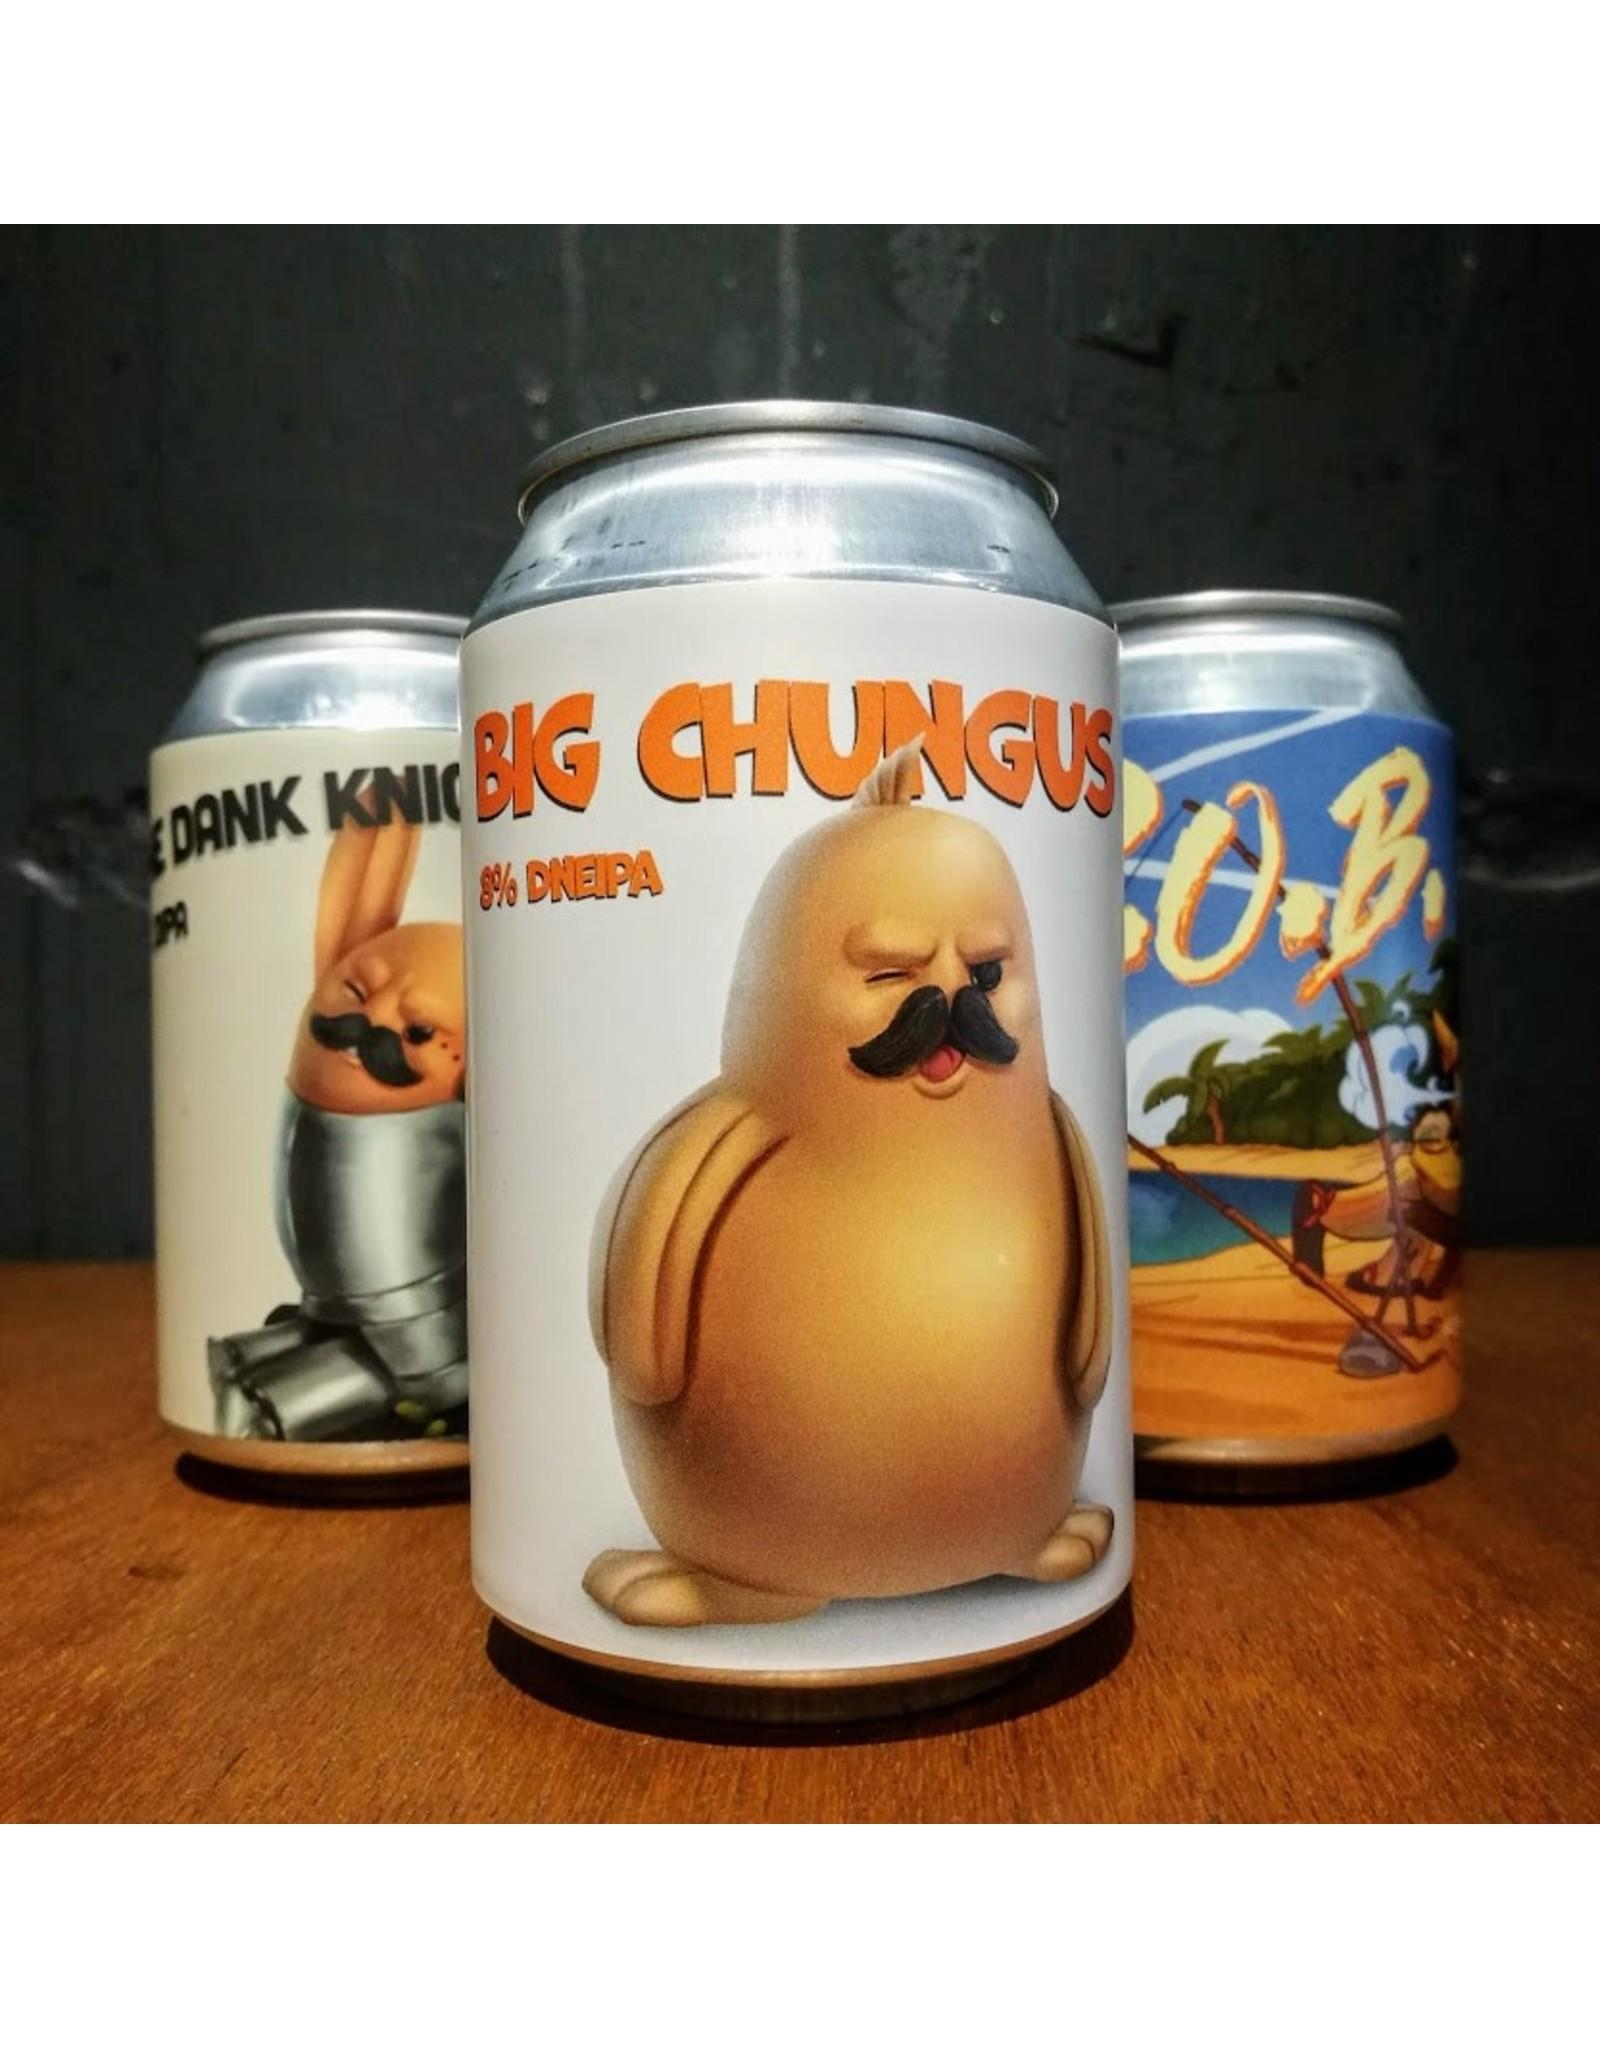 Lobik Lobik - Big Chungus